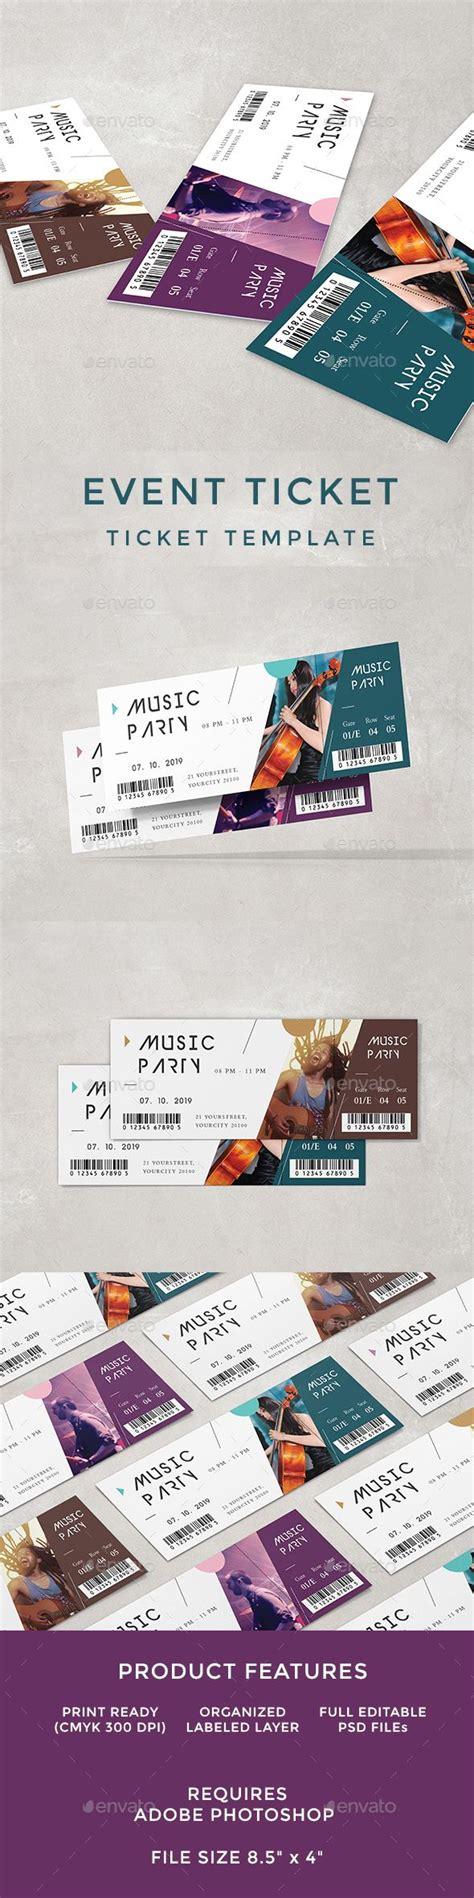 Les 232 Meilleures Images Du Tableau Ticket Templates Sur Pinterest Event Ticket Template Illustrator